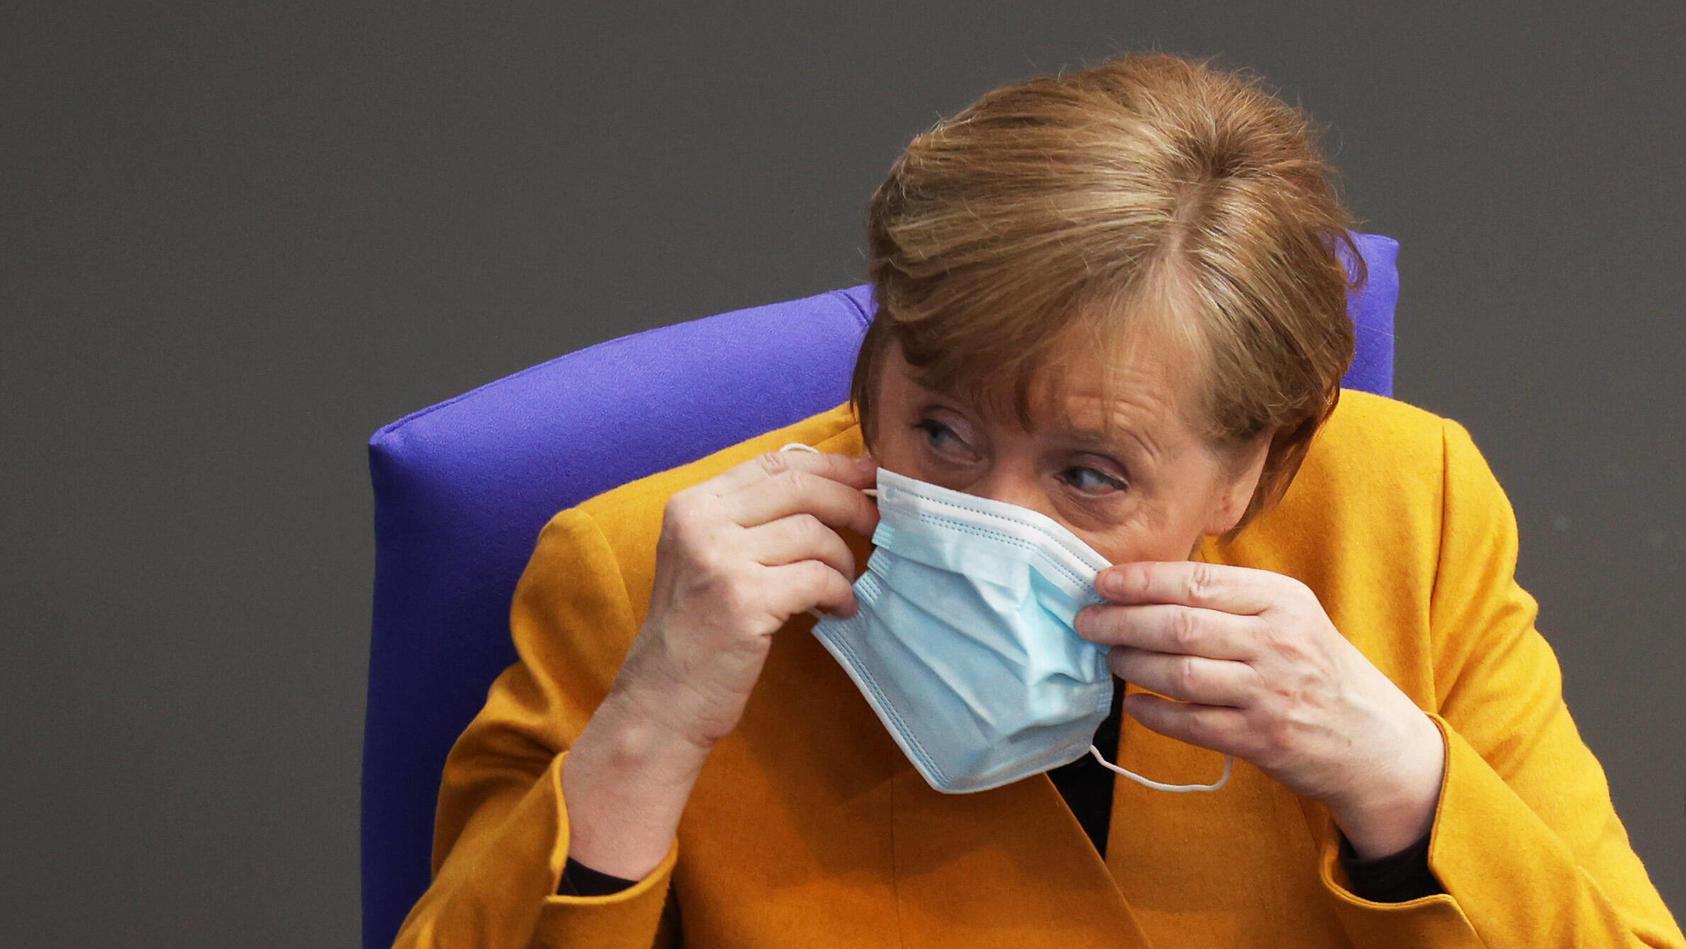 Bundeskanzlerin Angela Merkel soll am Freitag über AstraZeneca-Gefahr informiert worden sein.